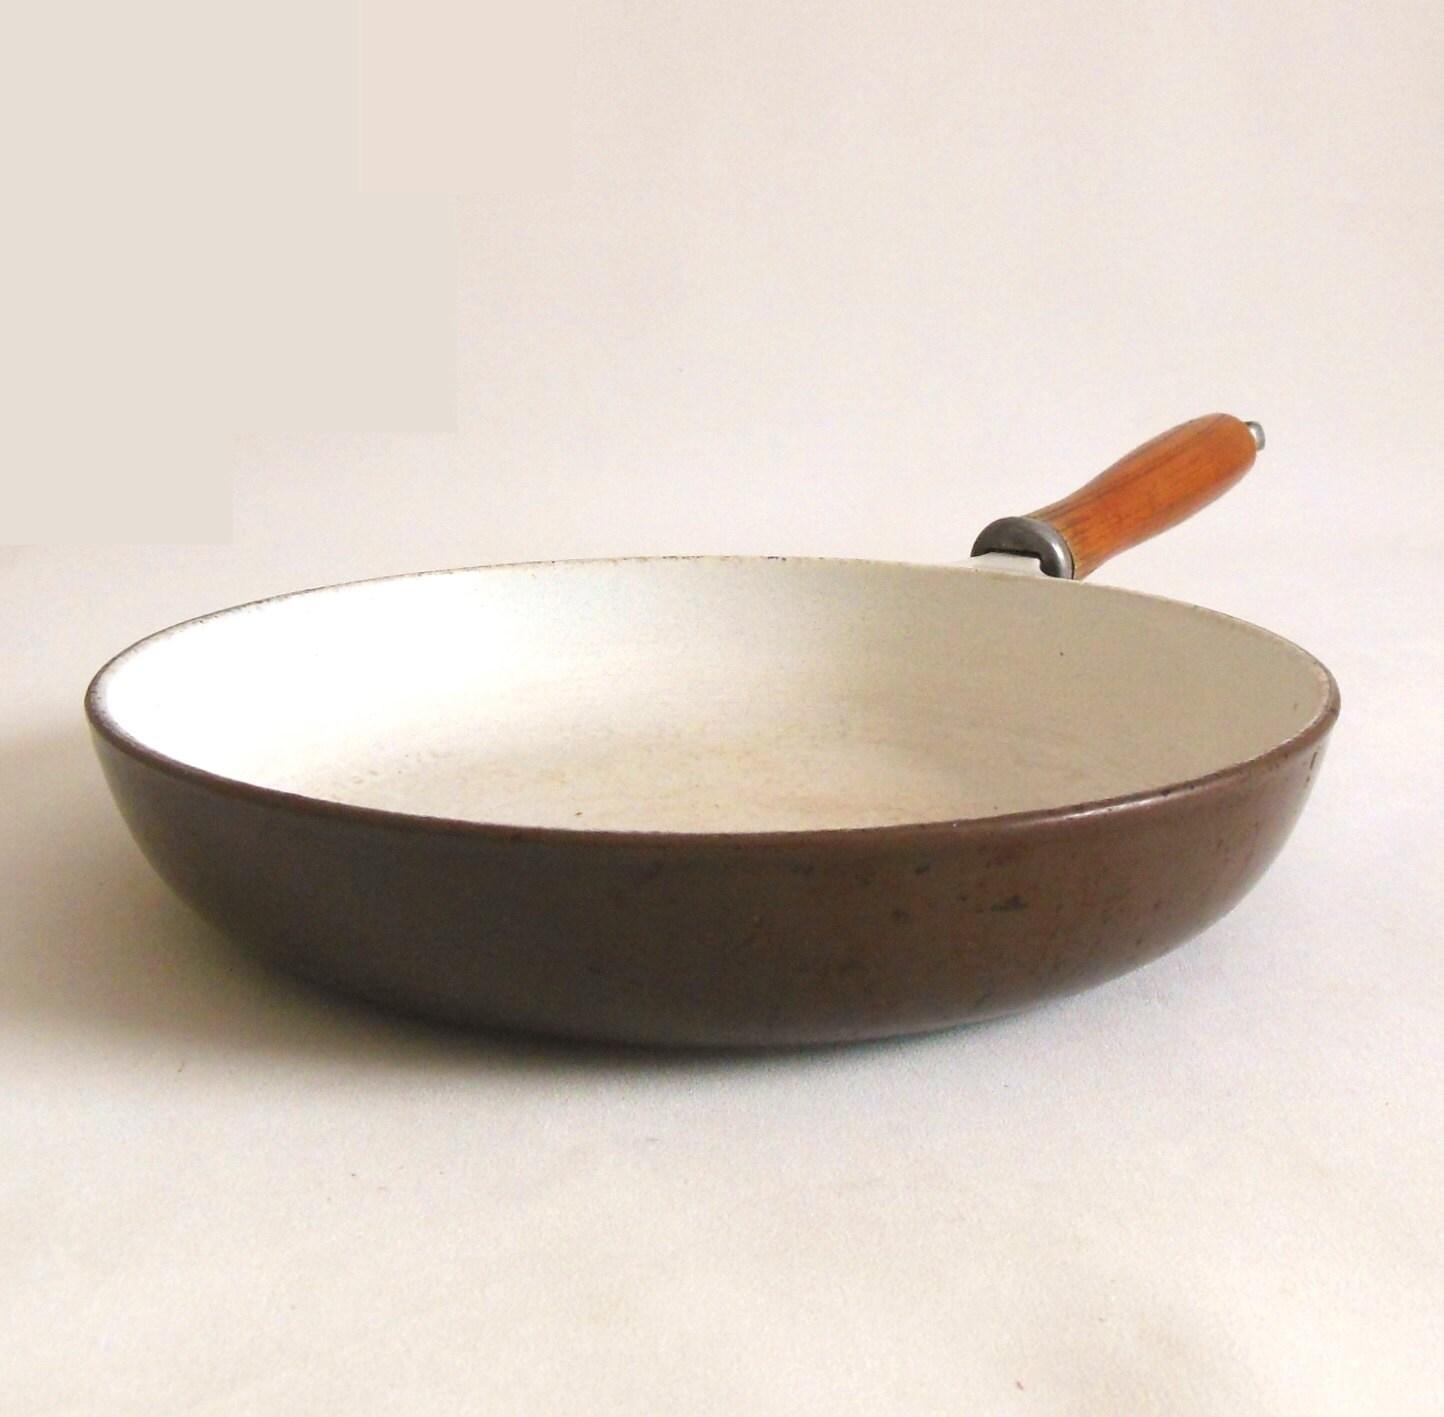 enamel cast iron skillet 10 finesse ghc japan wood. Black Bedroom Furniture Sets. Home Design Ideas